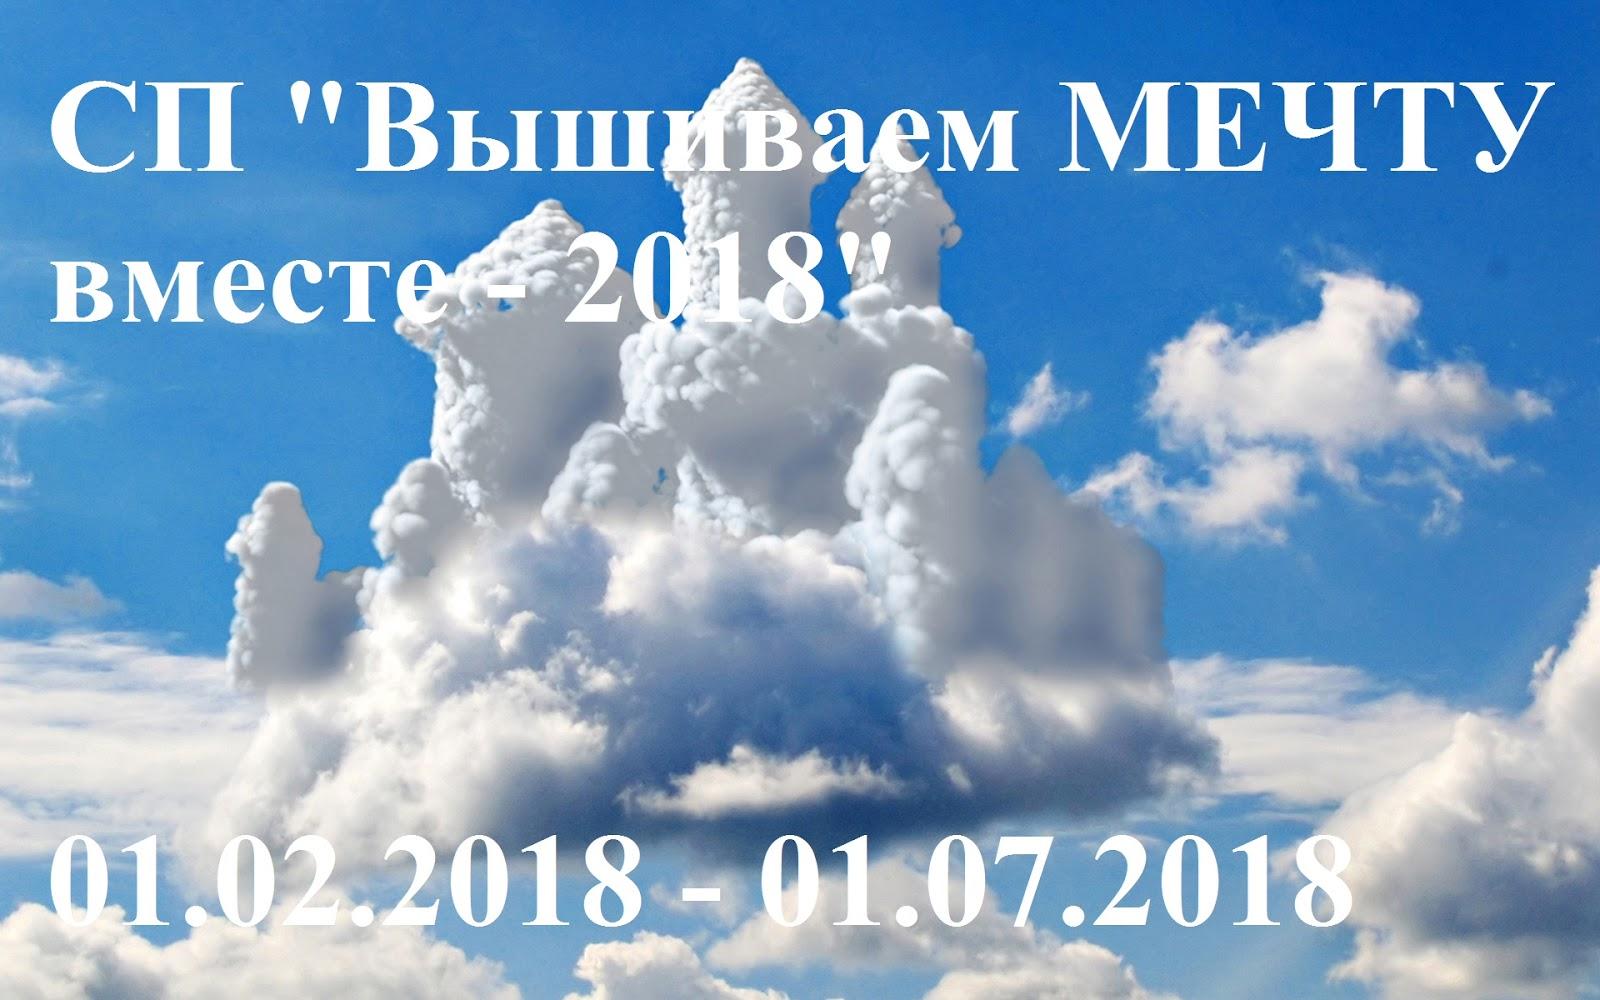 до 01.07.2018